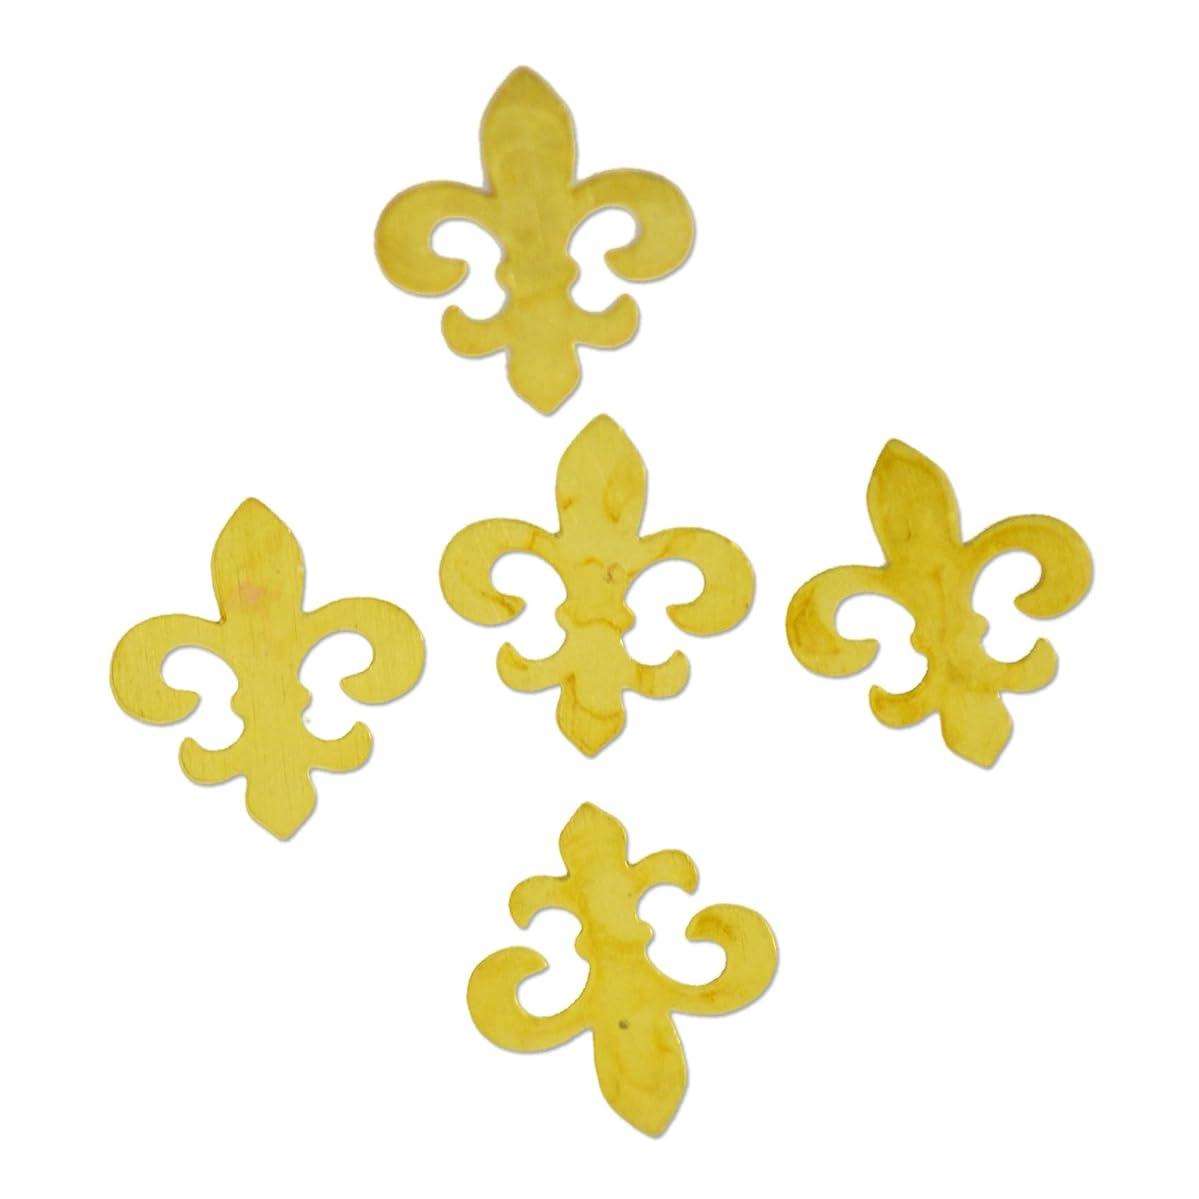 ガチョウ違反する帝国薄型メタルパーツ10048 百合の紋章 リリィ5mm×6mm ゴールド 20p入り